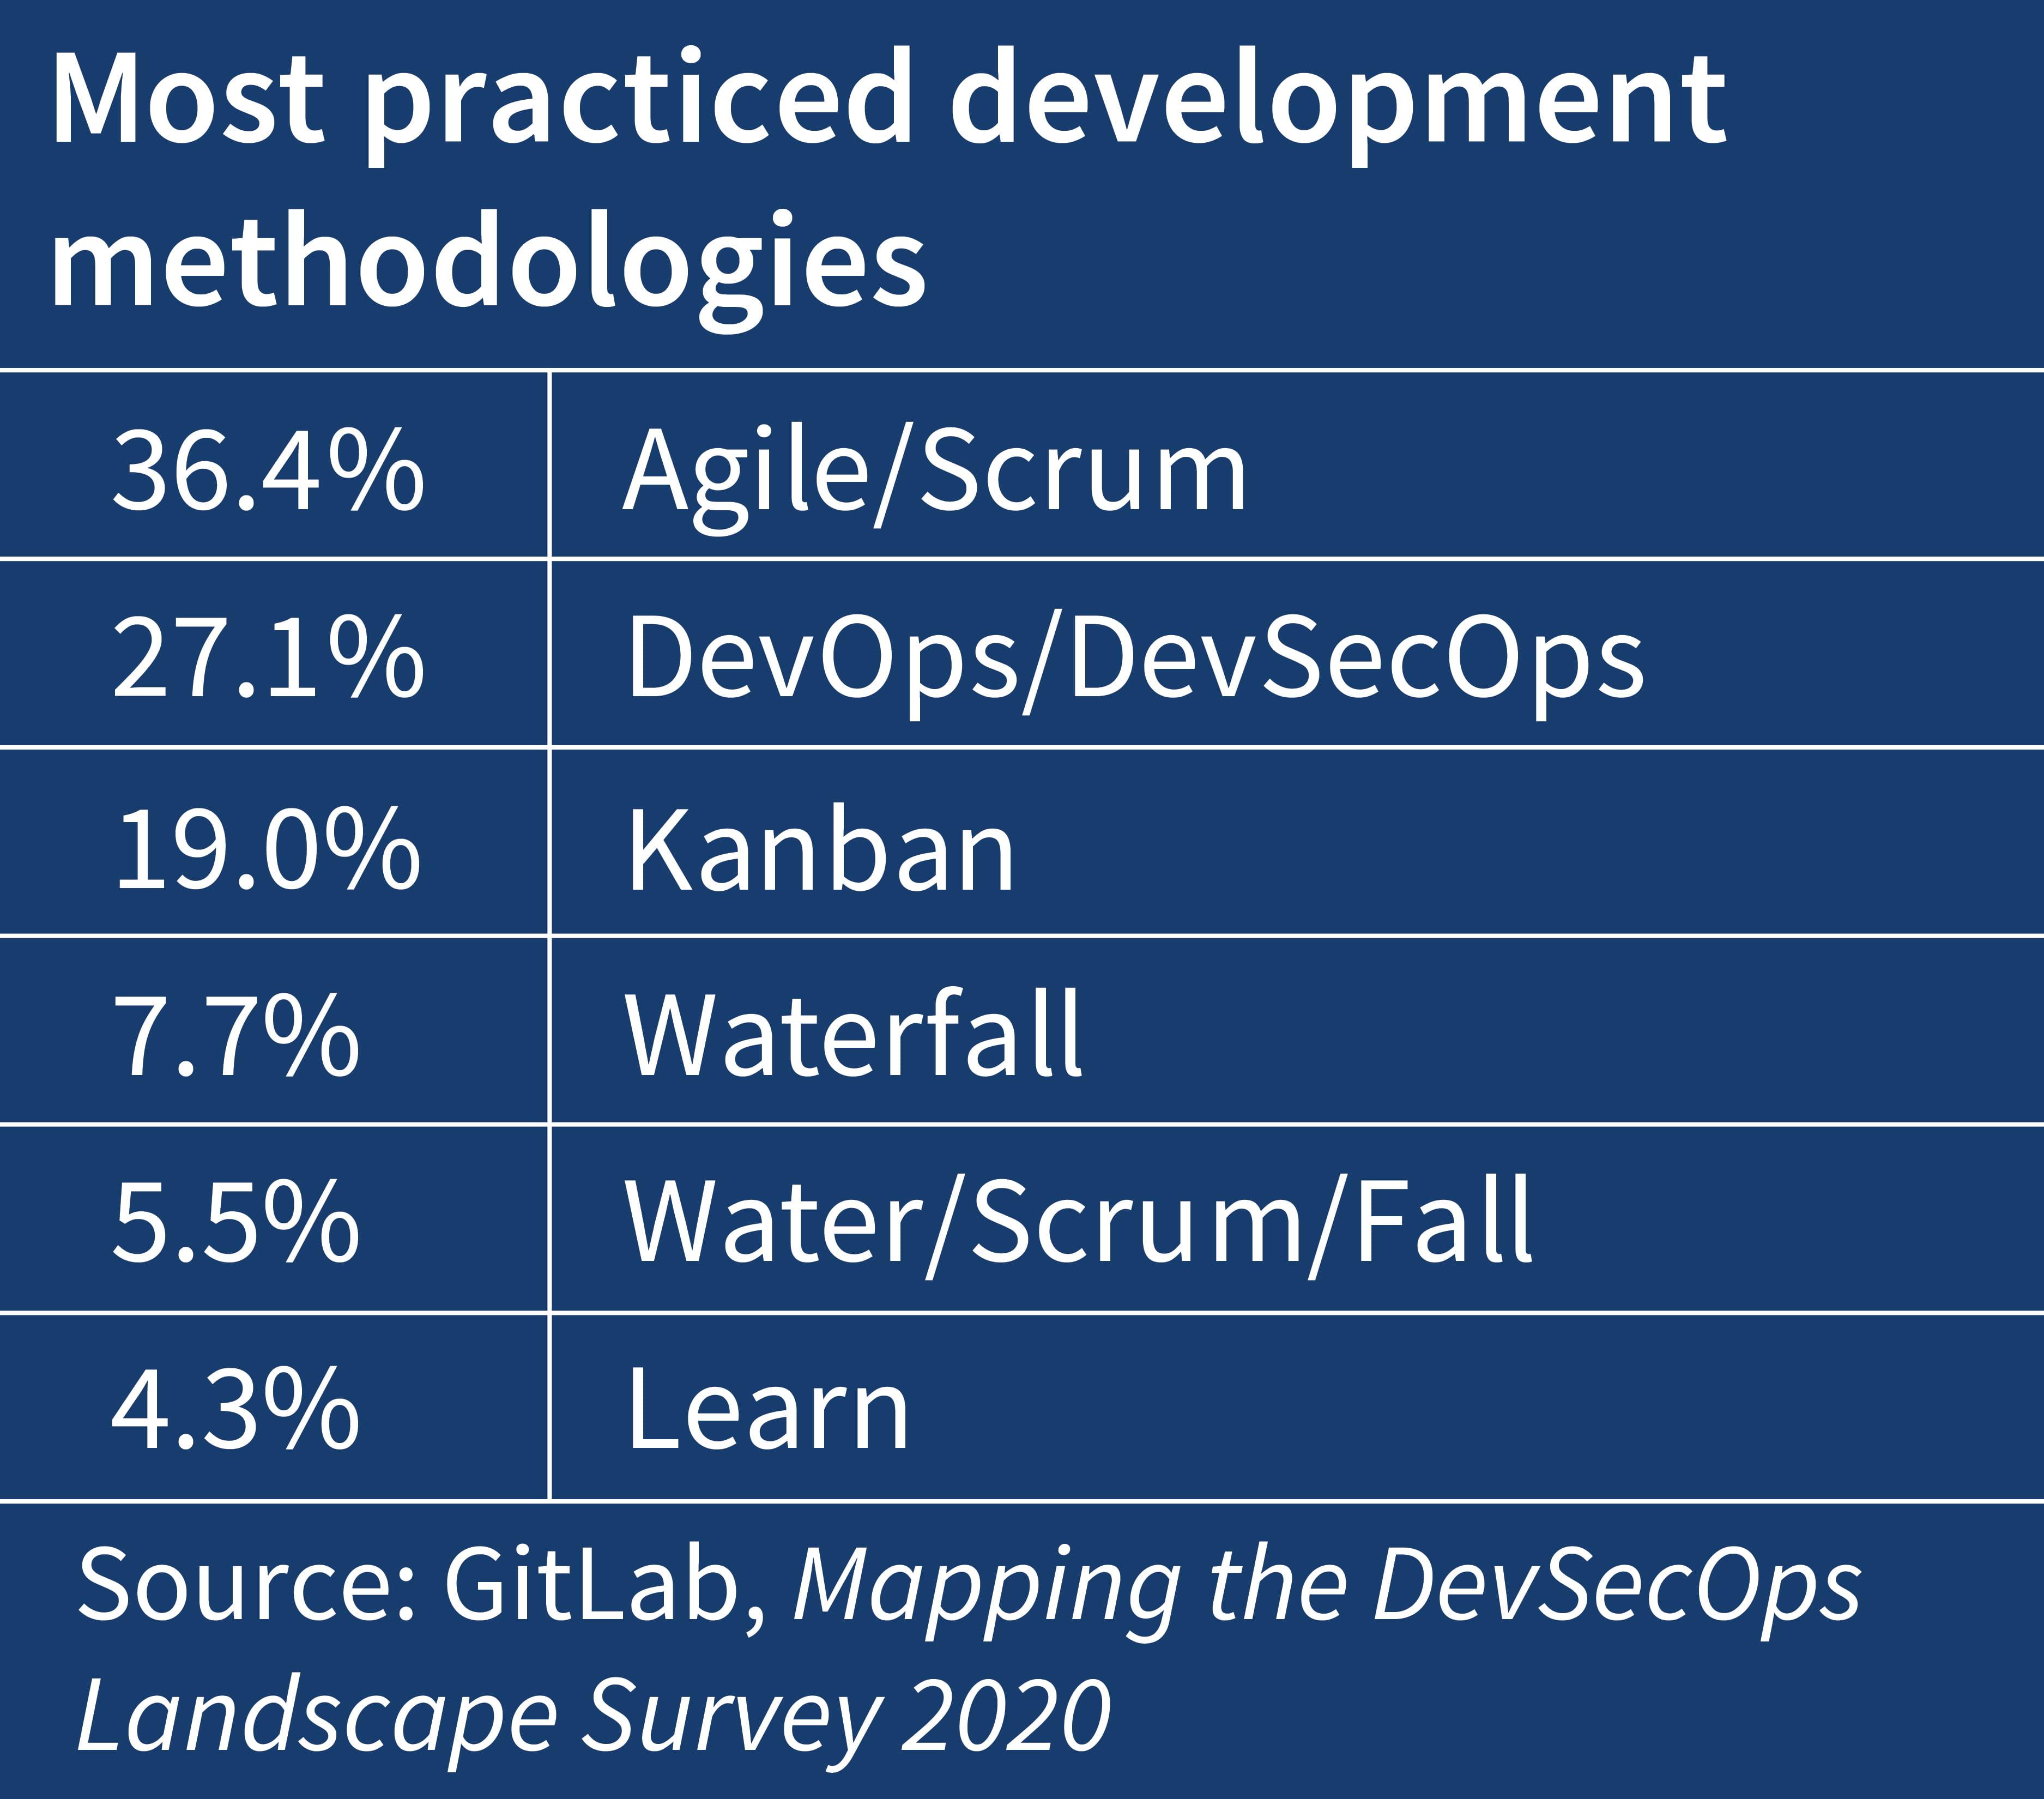 Figure 1: Most practiced development methodologies